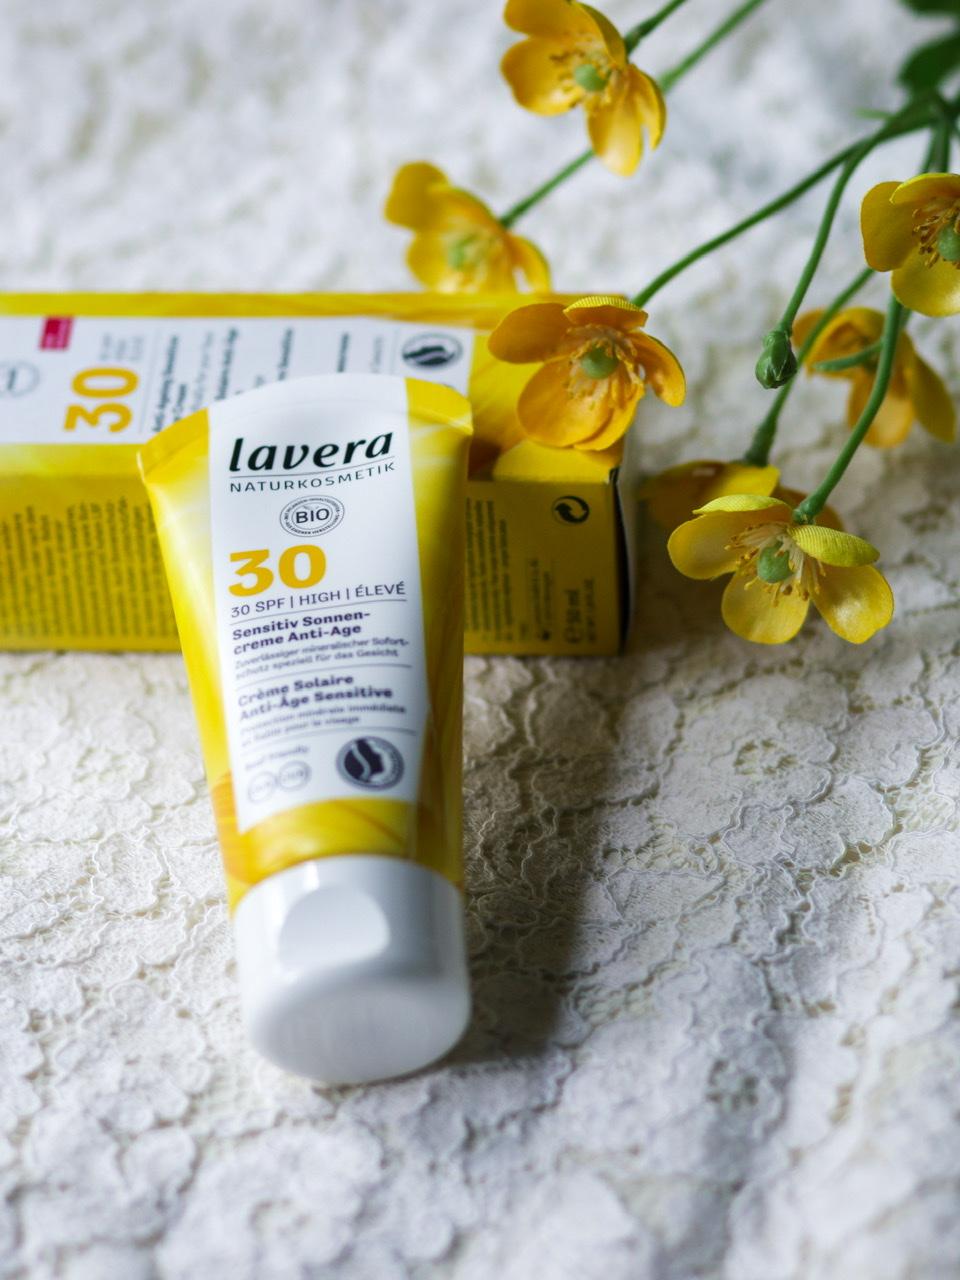 crème solaire bio Lavera SPF30